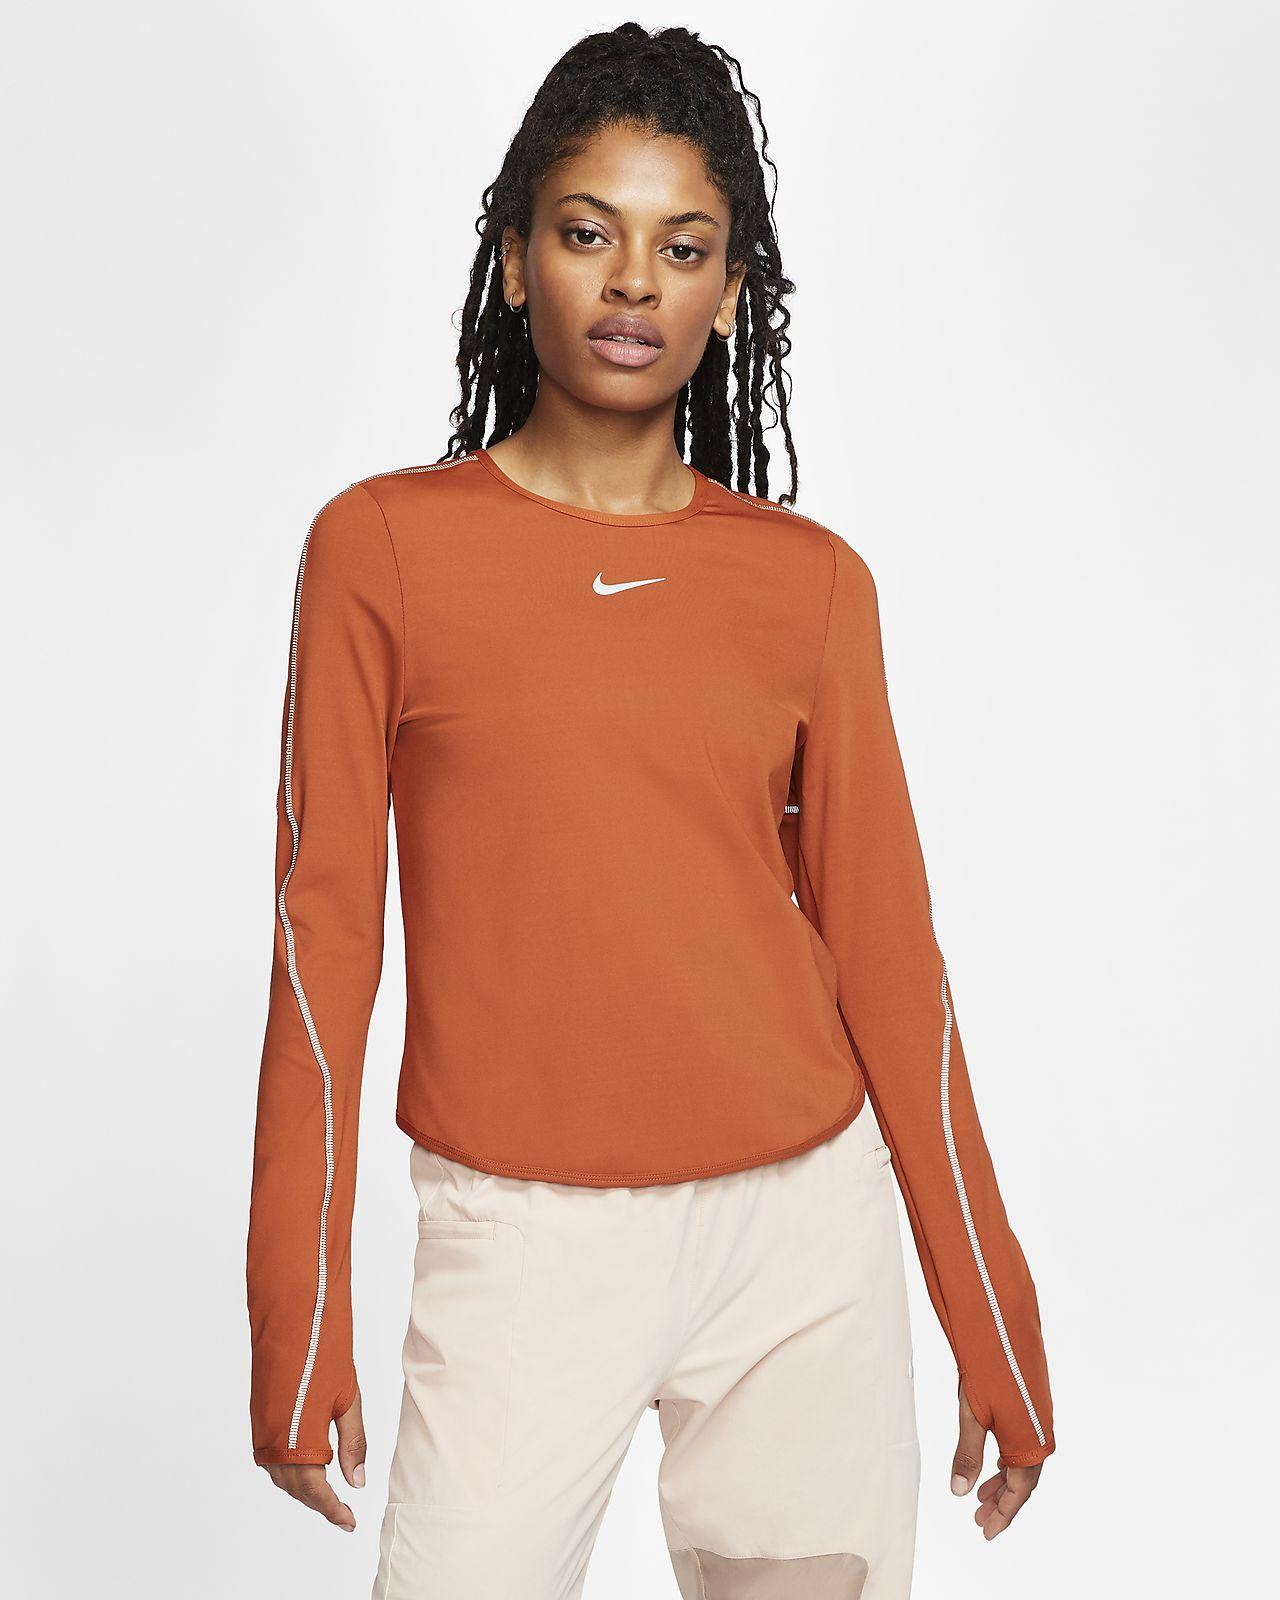 Dámské běžecké tričko Nike s dlouhým rukávem